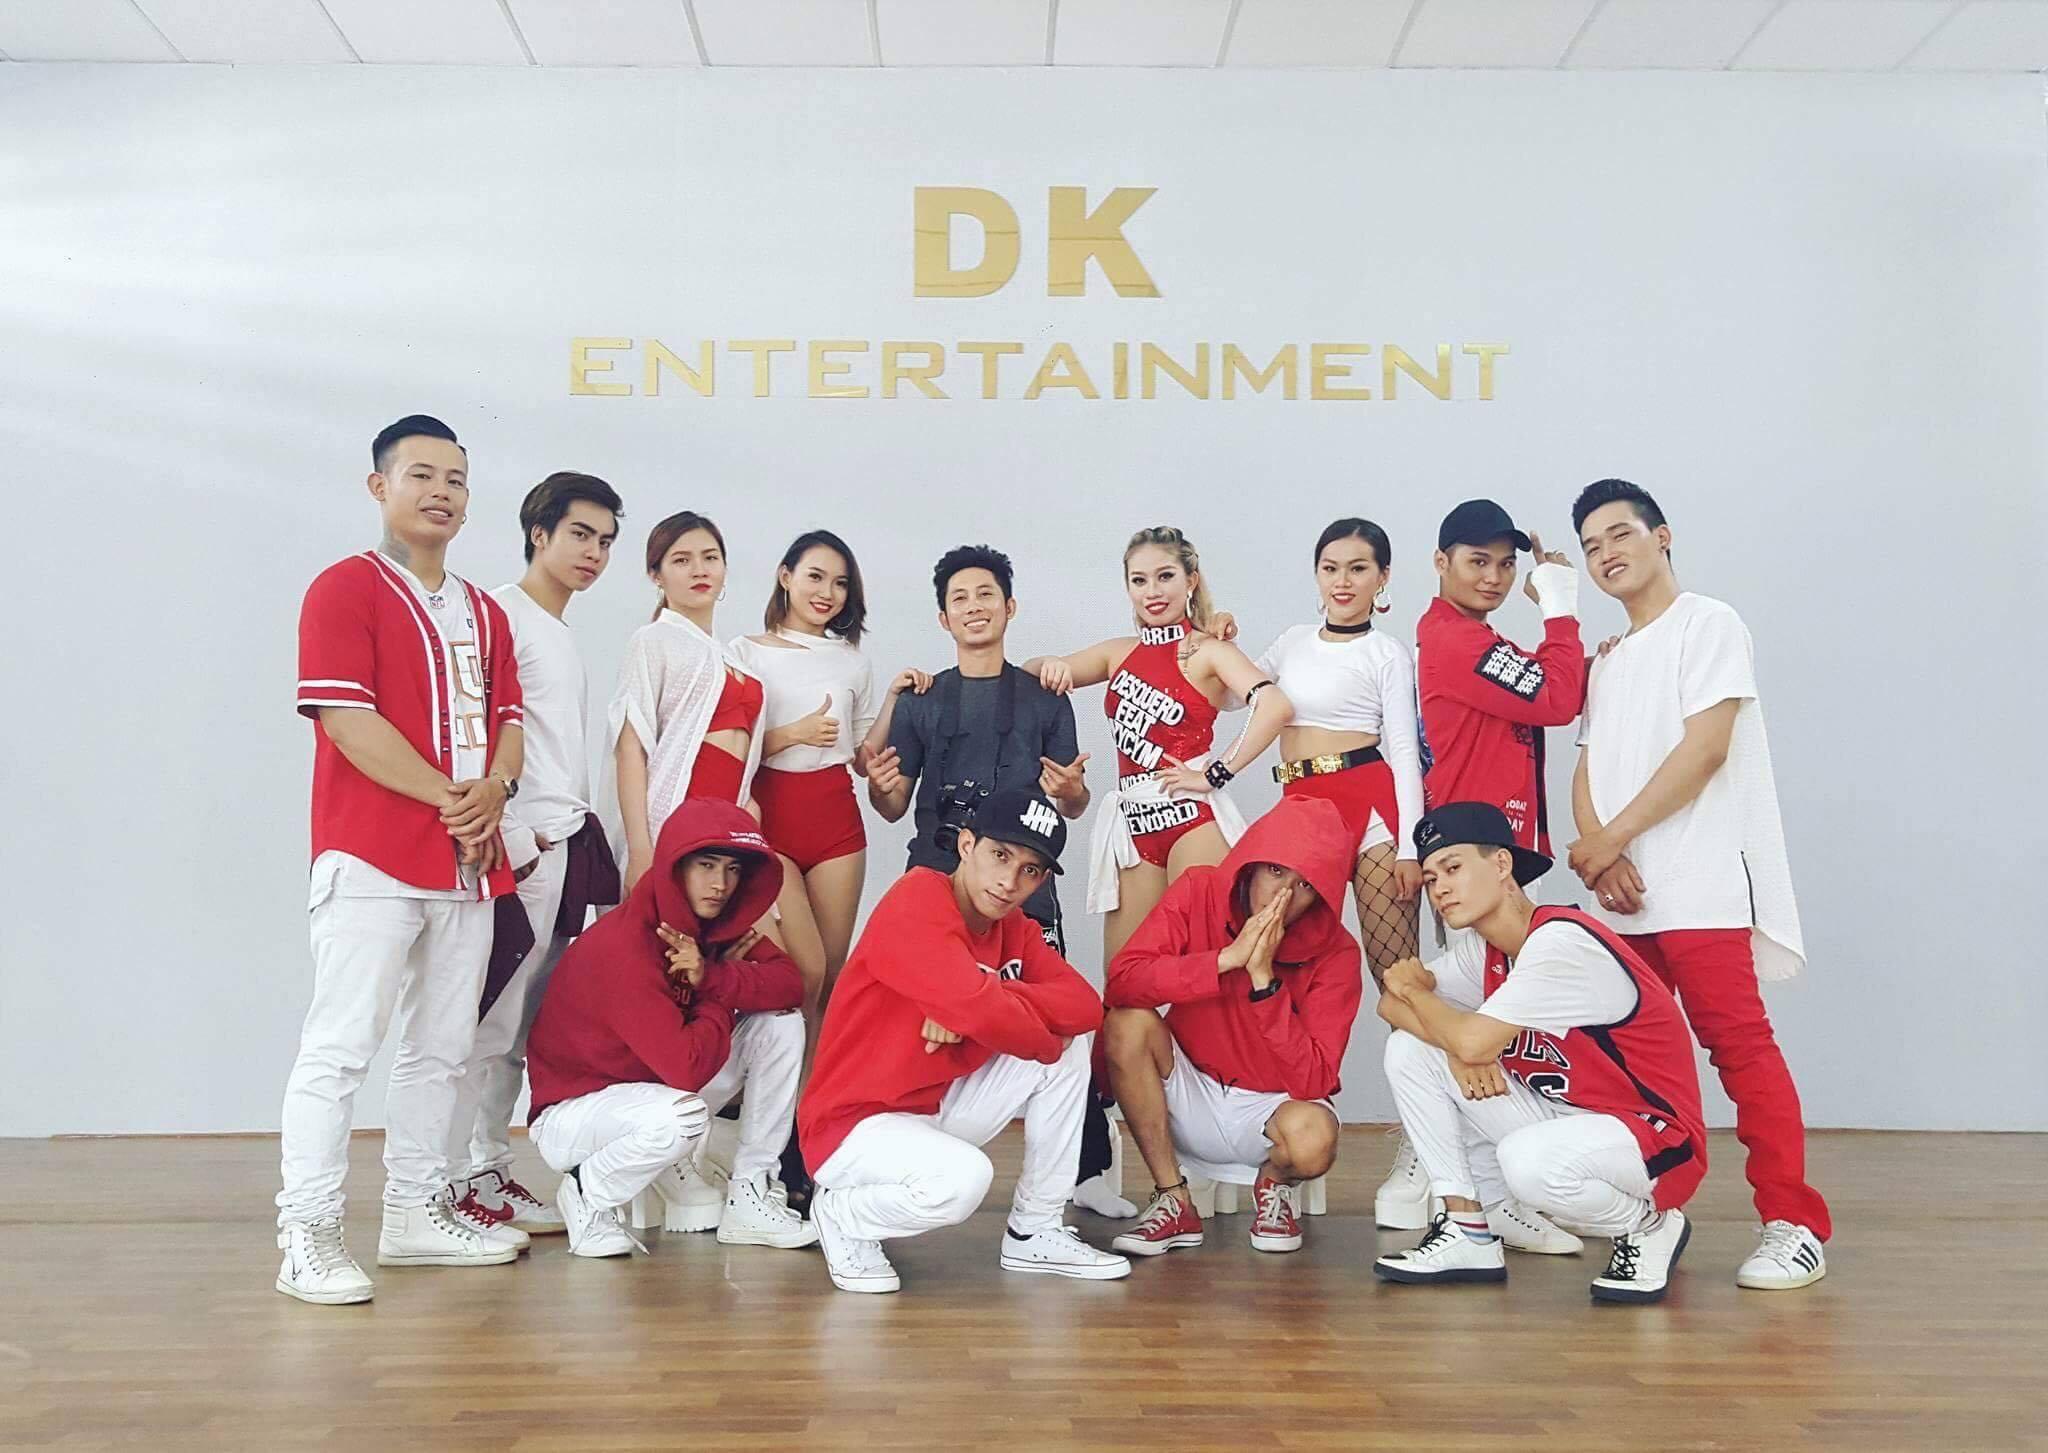 vũ đoàn, nhóm múa, nhóm nhảy 02